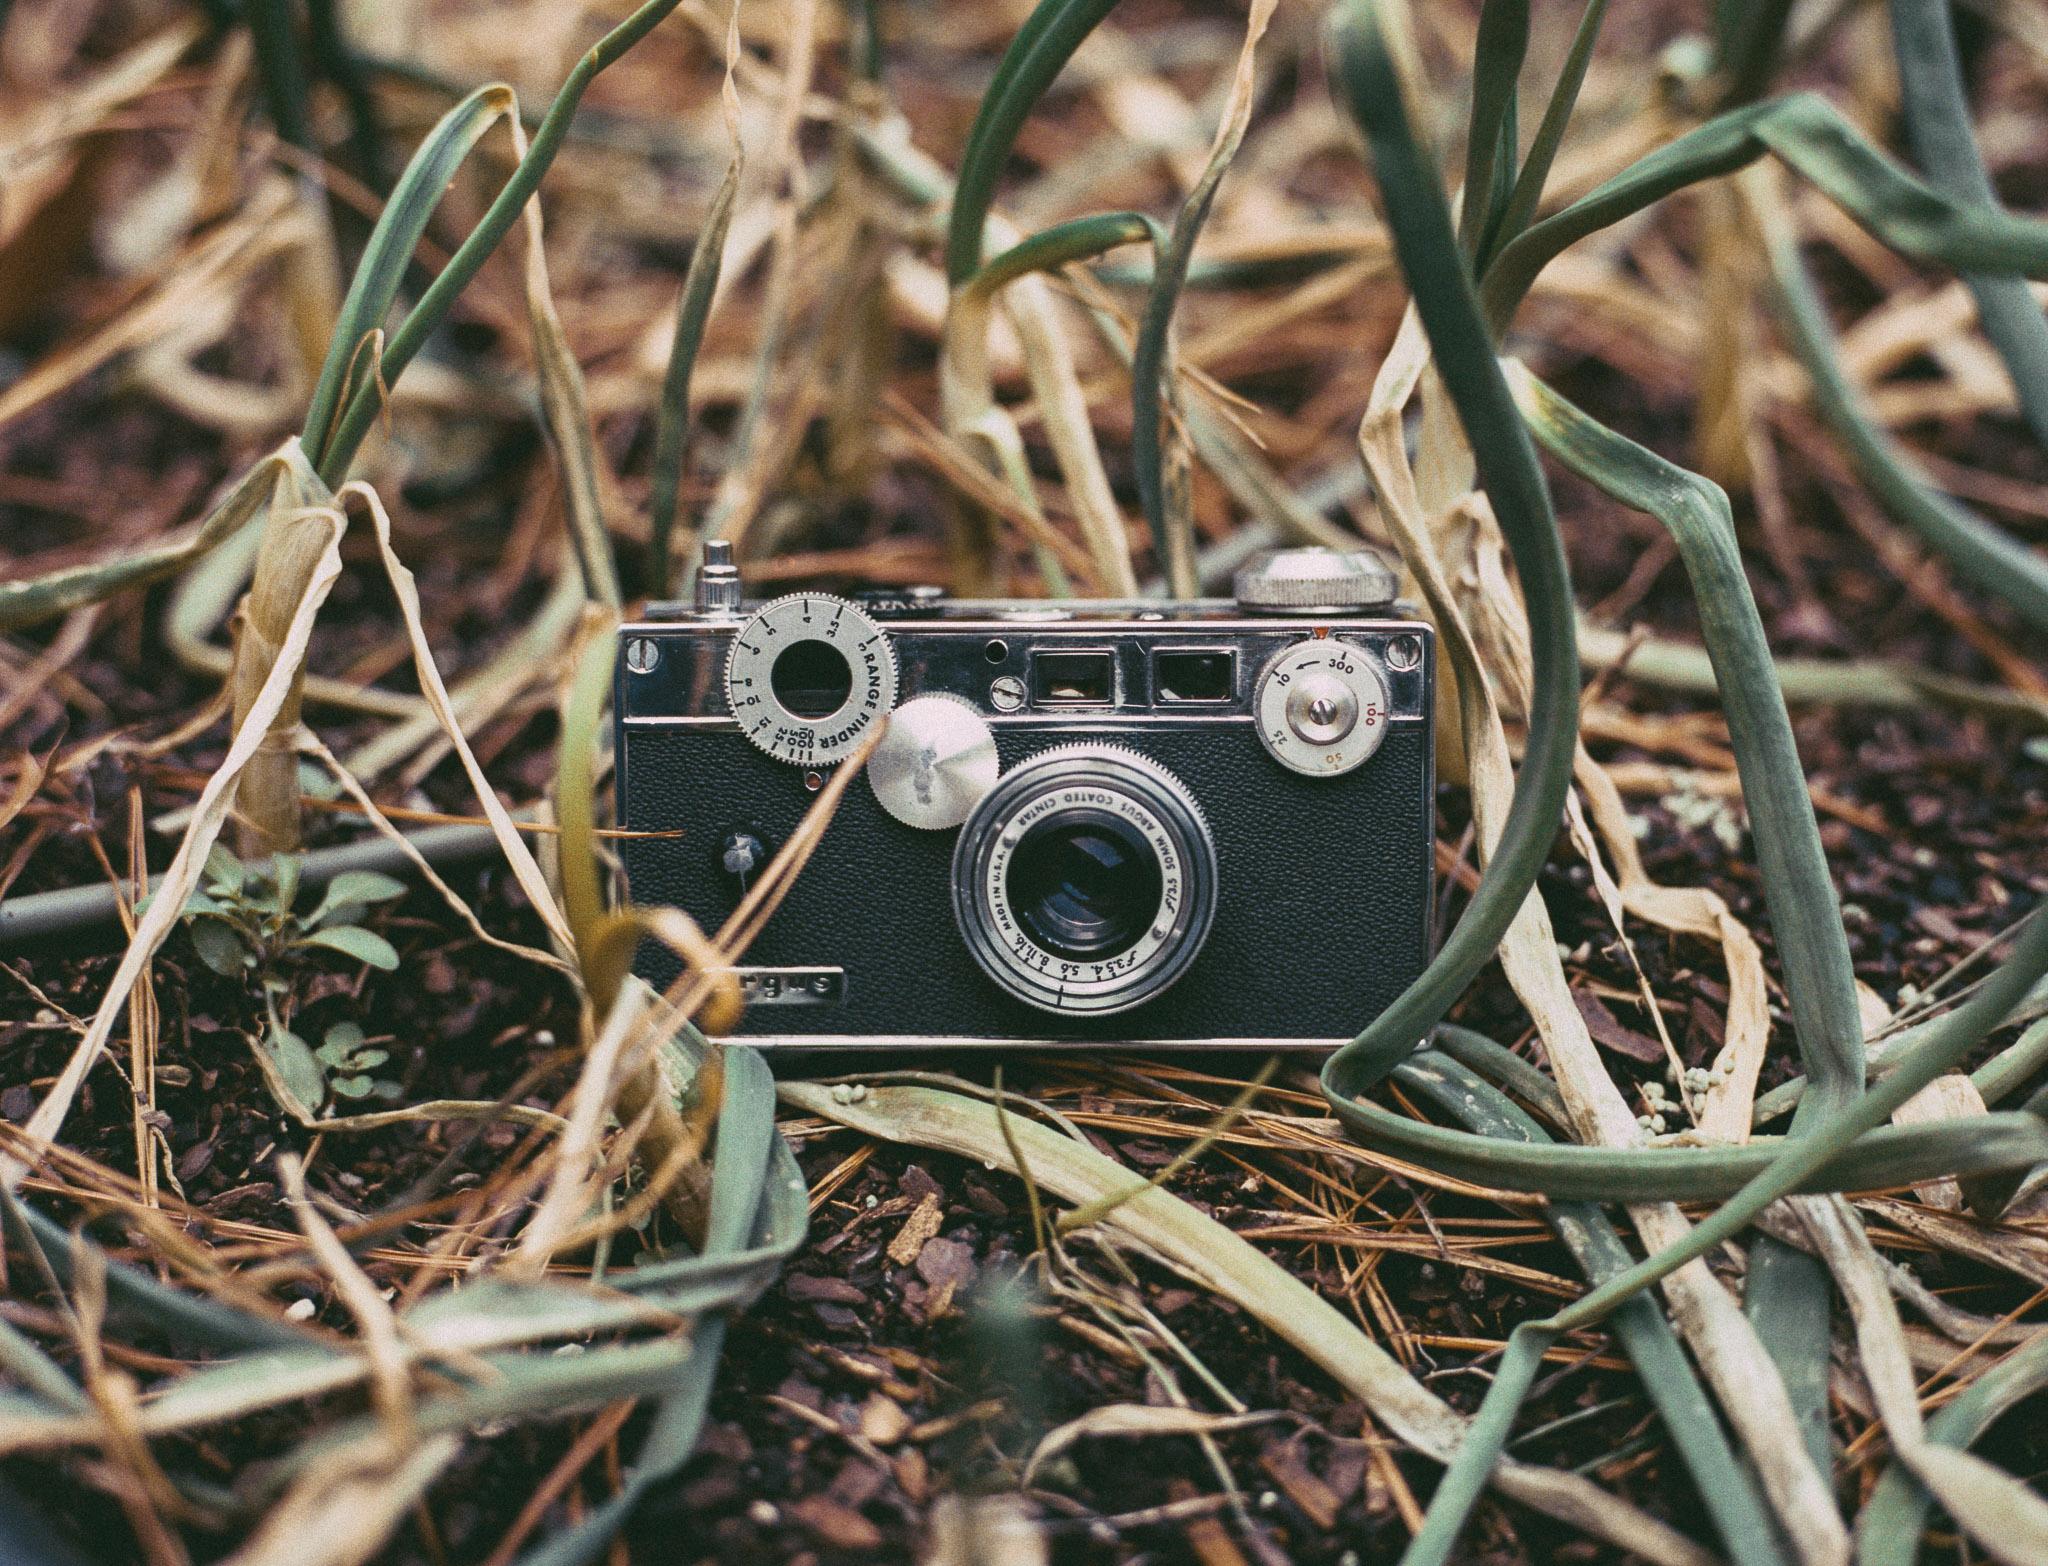 Camera: Mamiya 645 Af  Film: Portra 400  Scanned on Epson V700